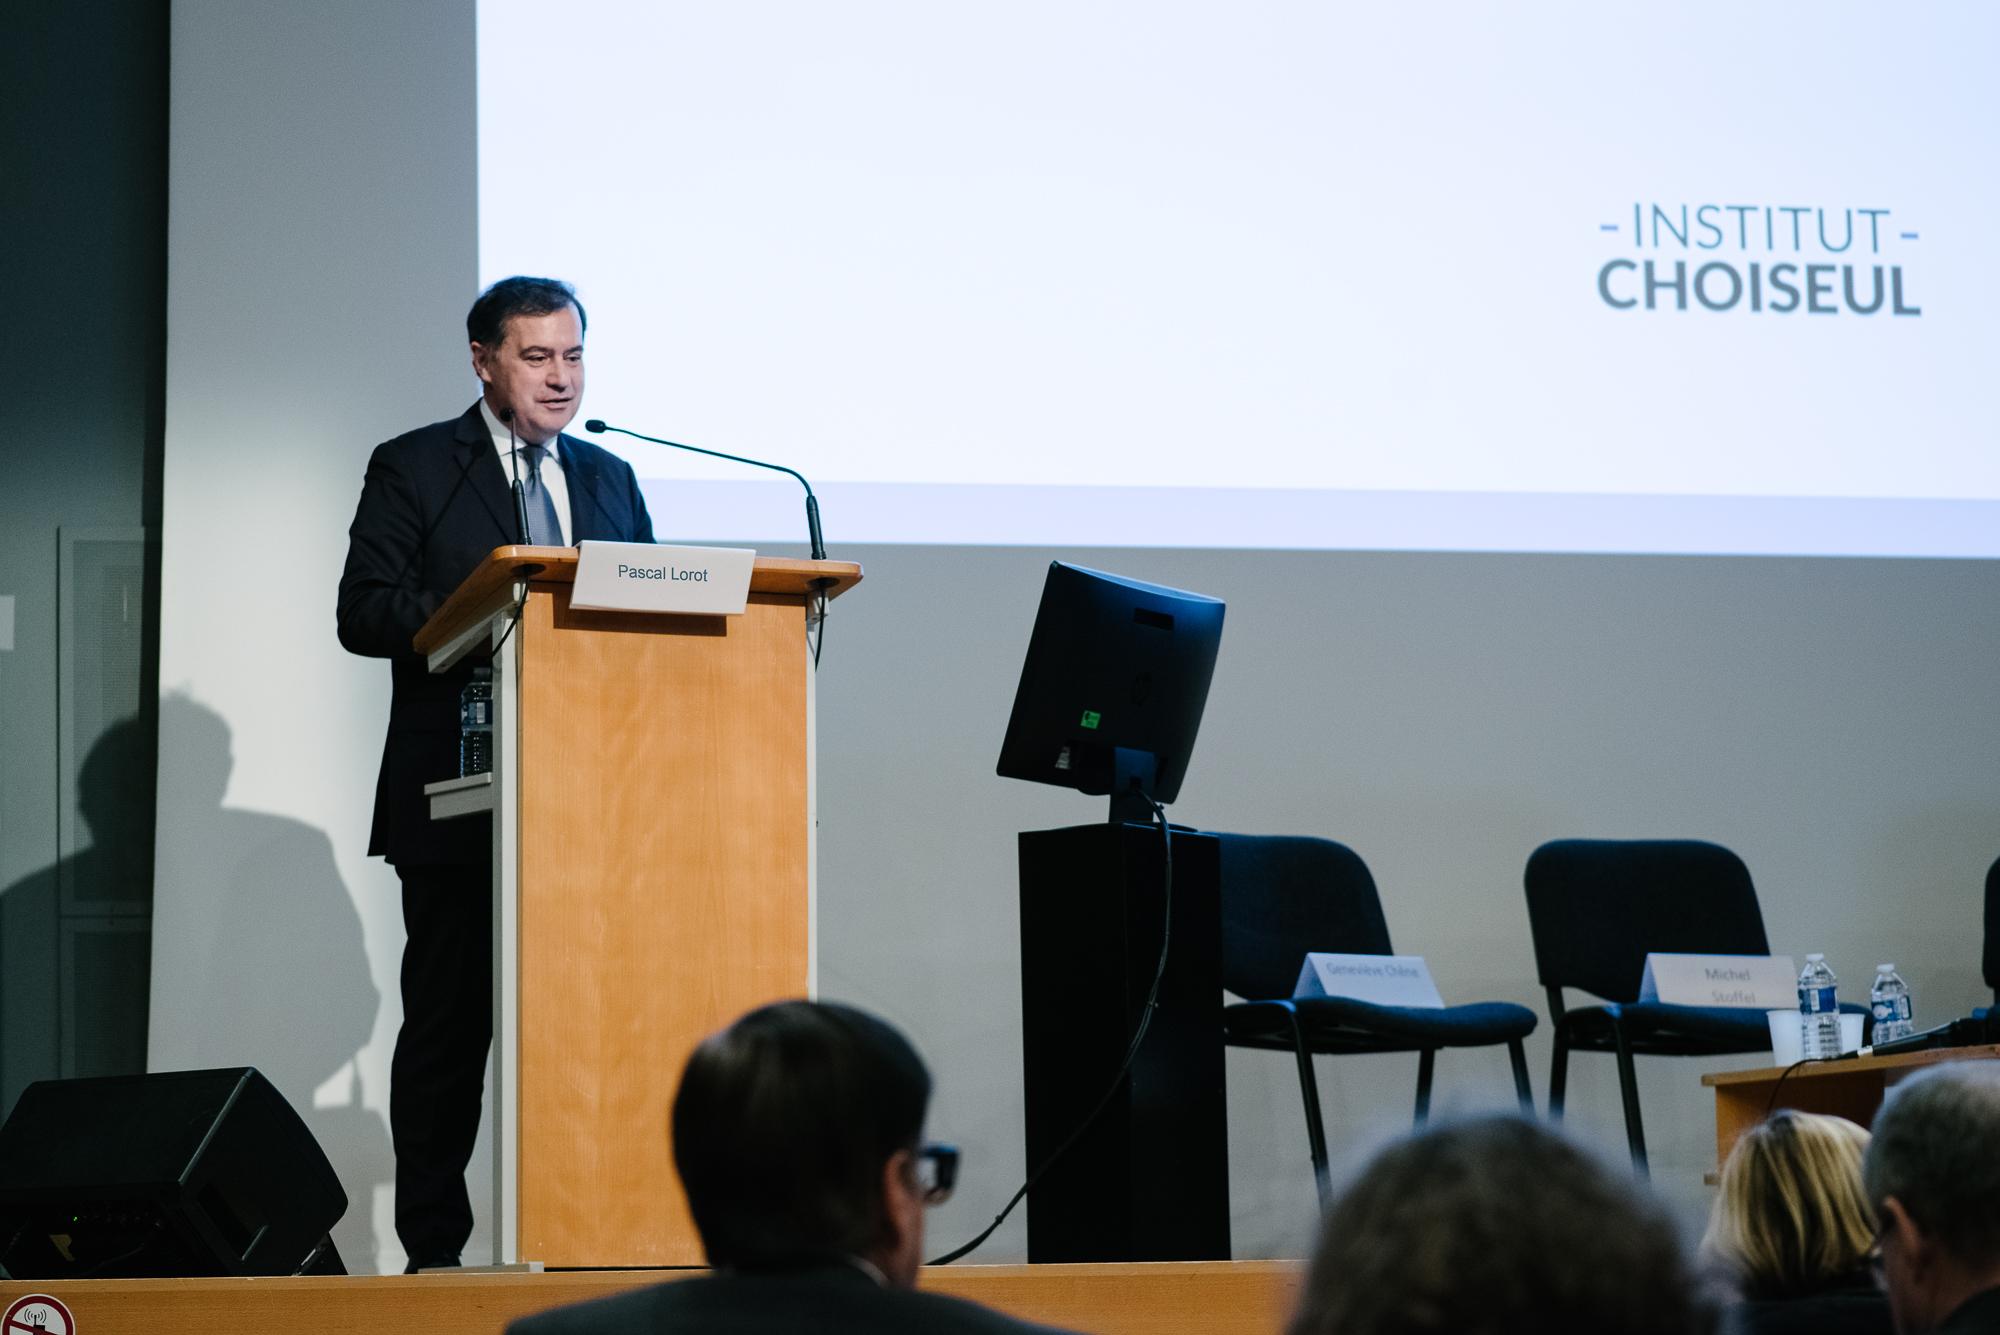 Assises européennes du Vaccin en vidéo – Présentation de l'événement avec Pascal Lorot et David Loew